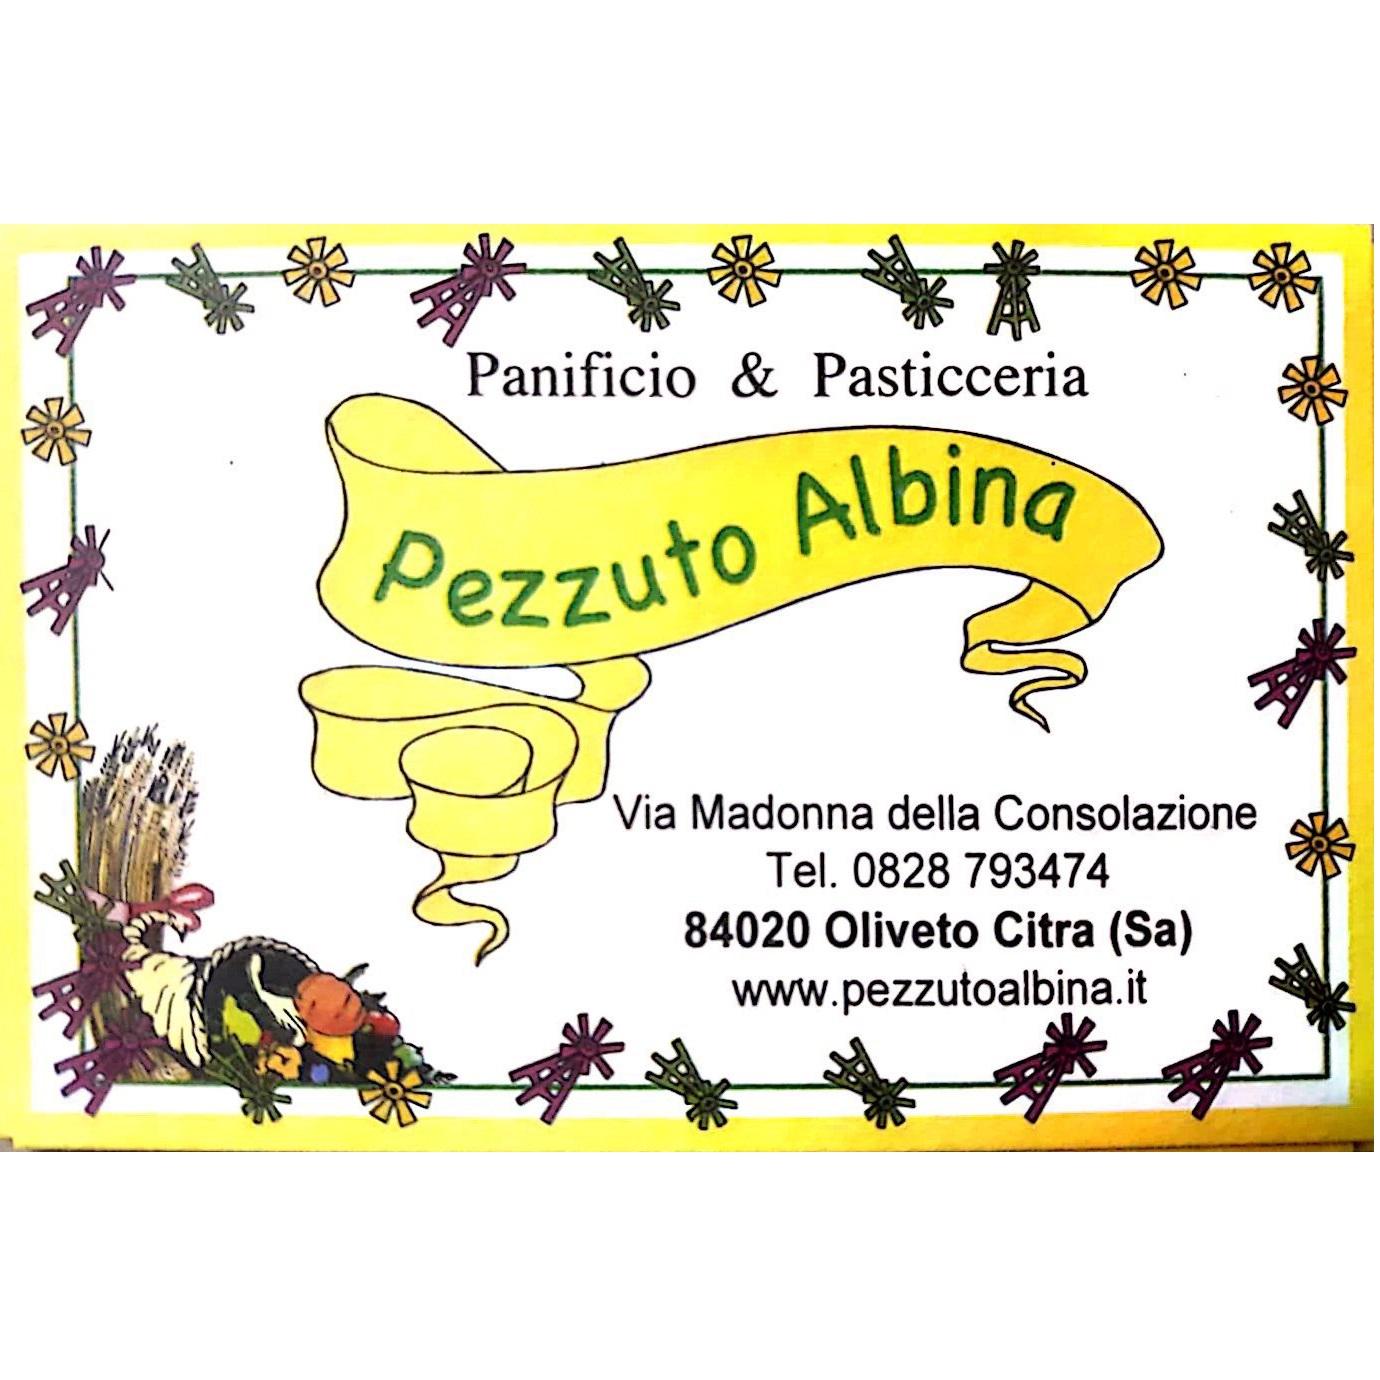 pezzuto_albina_web